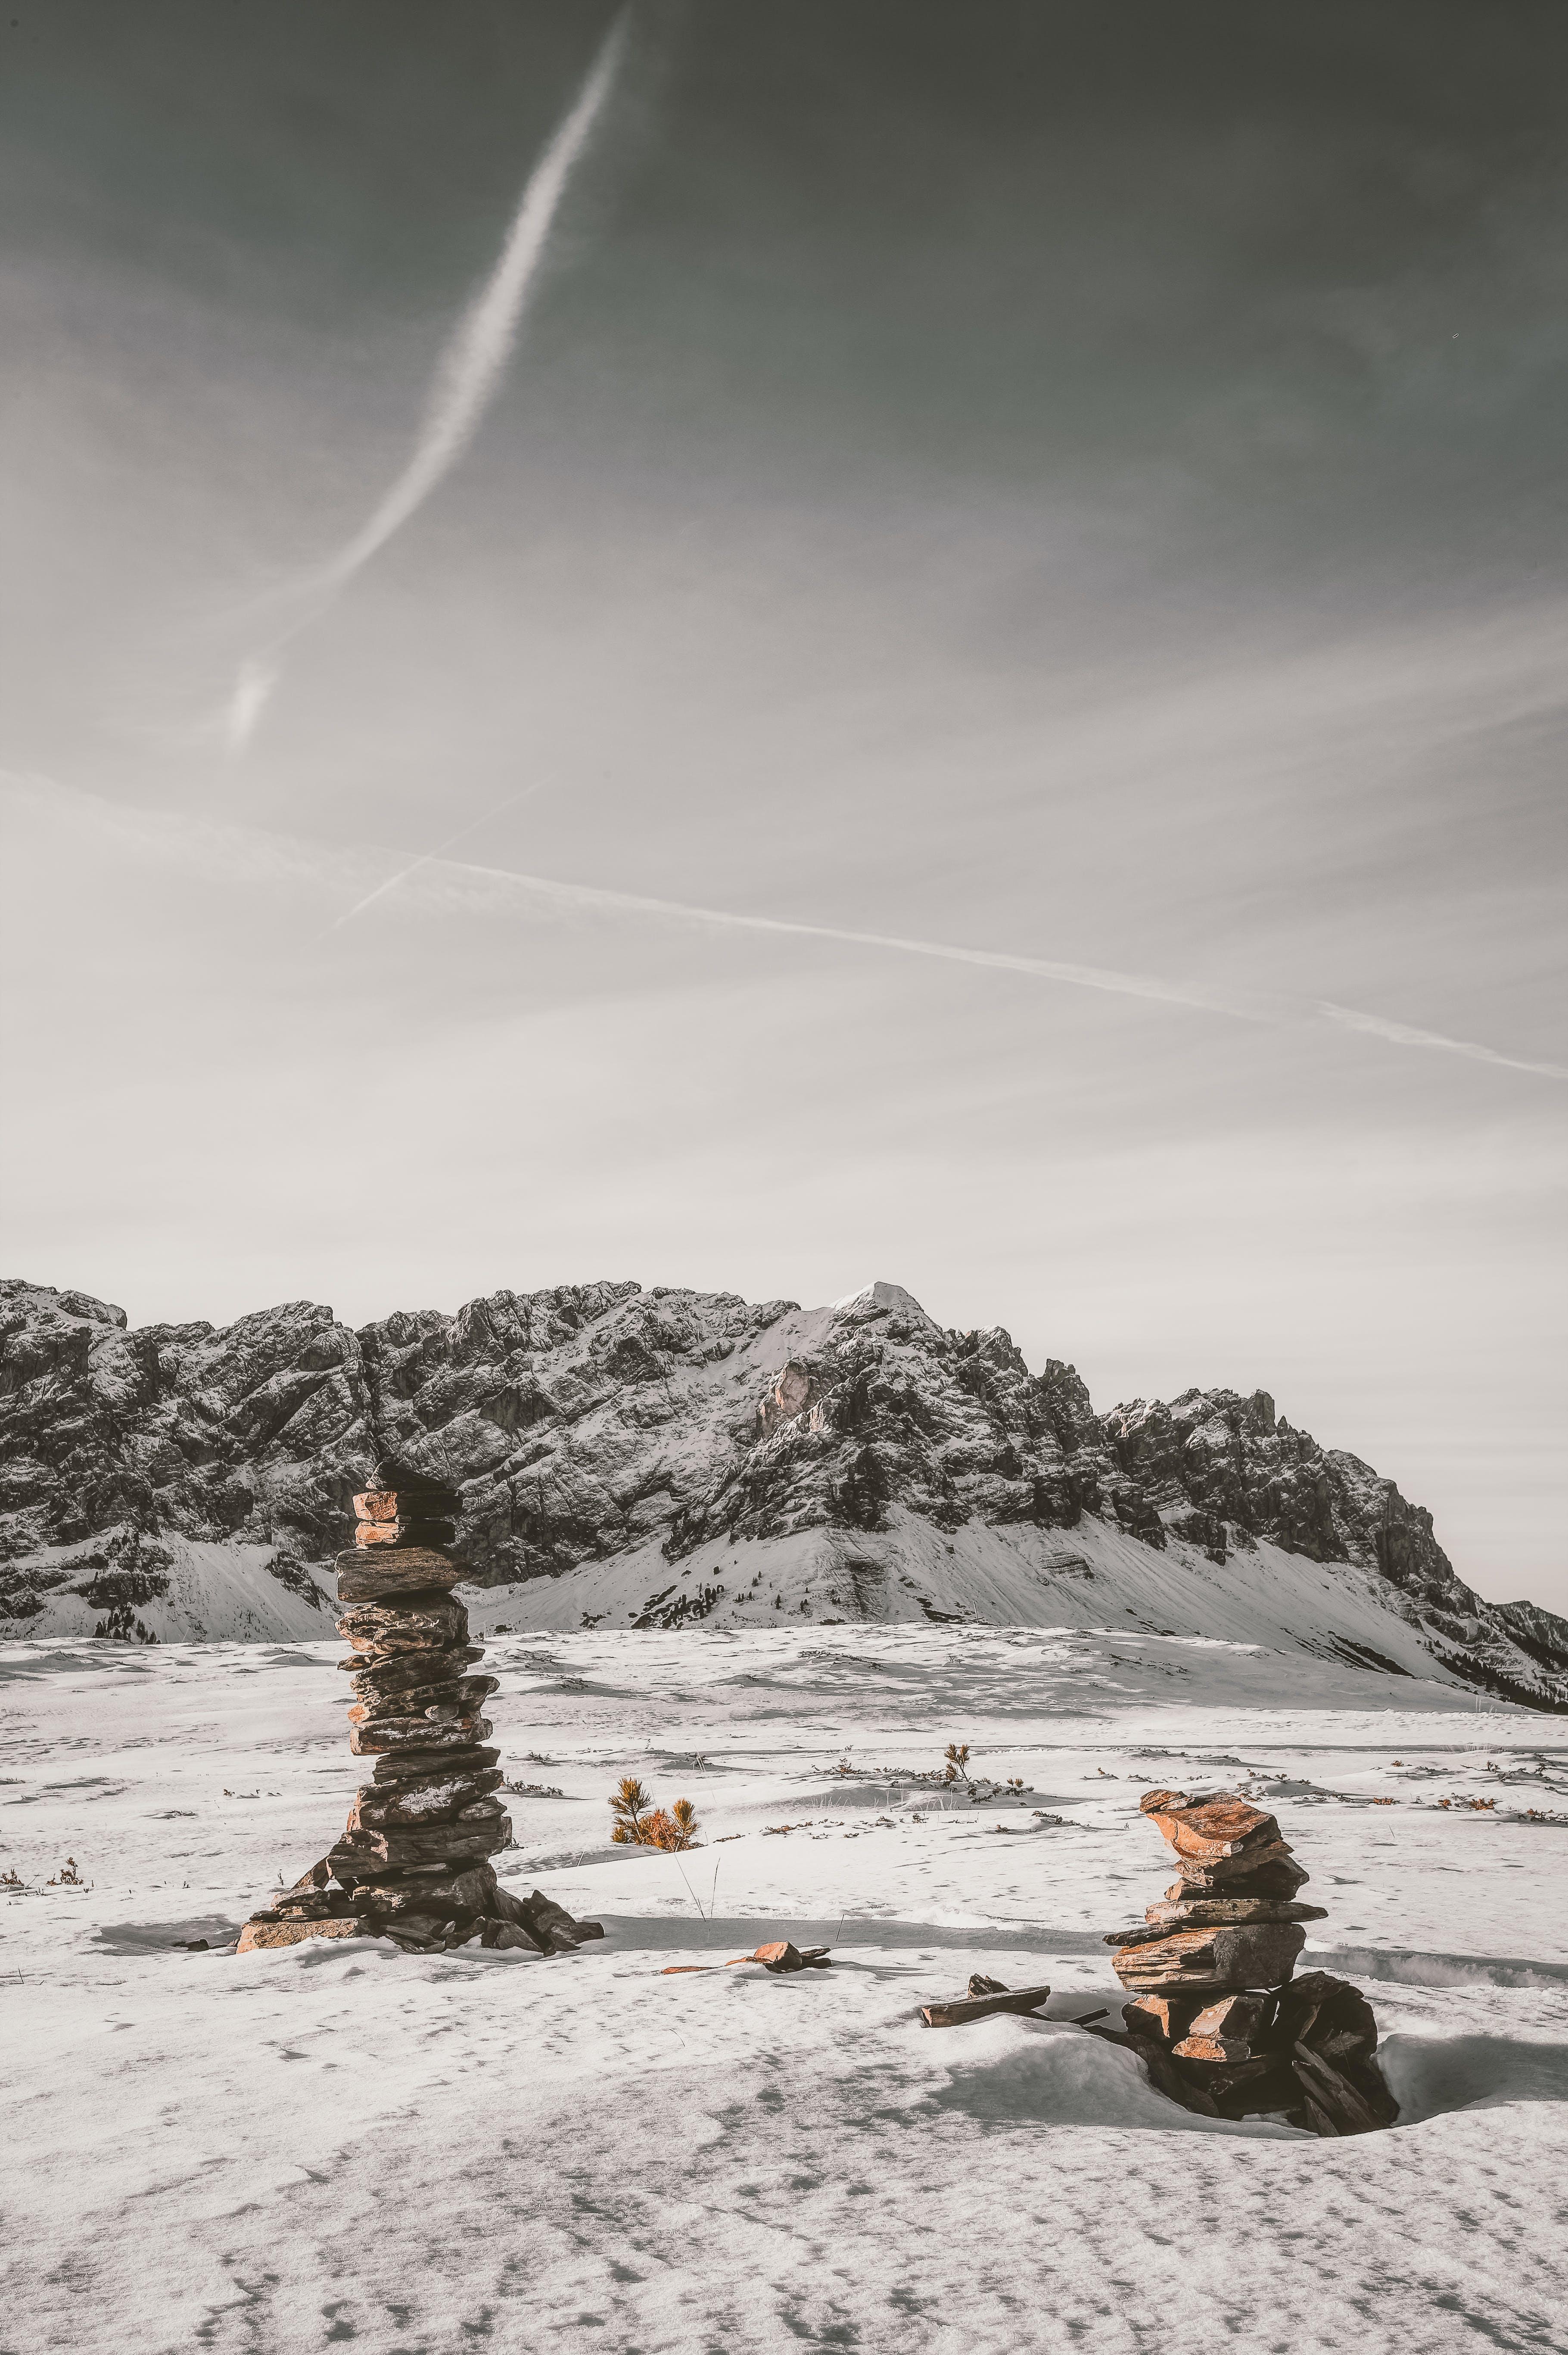 下雪的, 冬季, 冬季景觀, 冰 的 免费素材照片